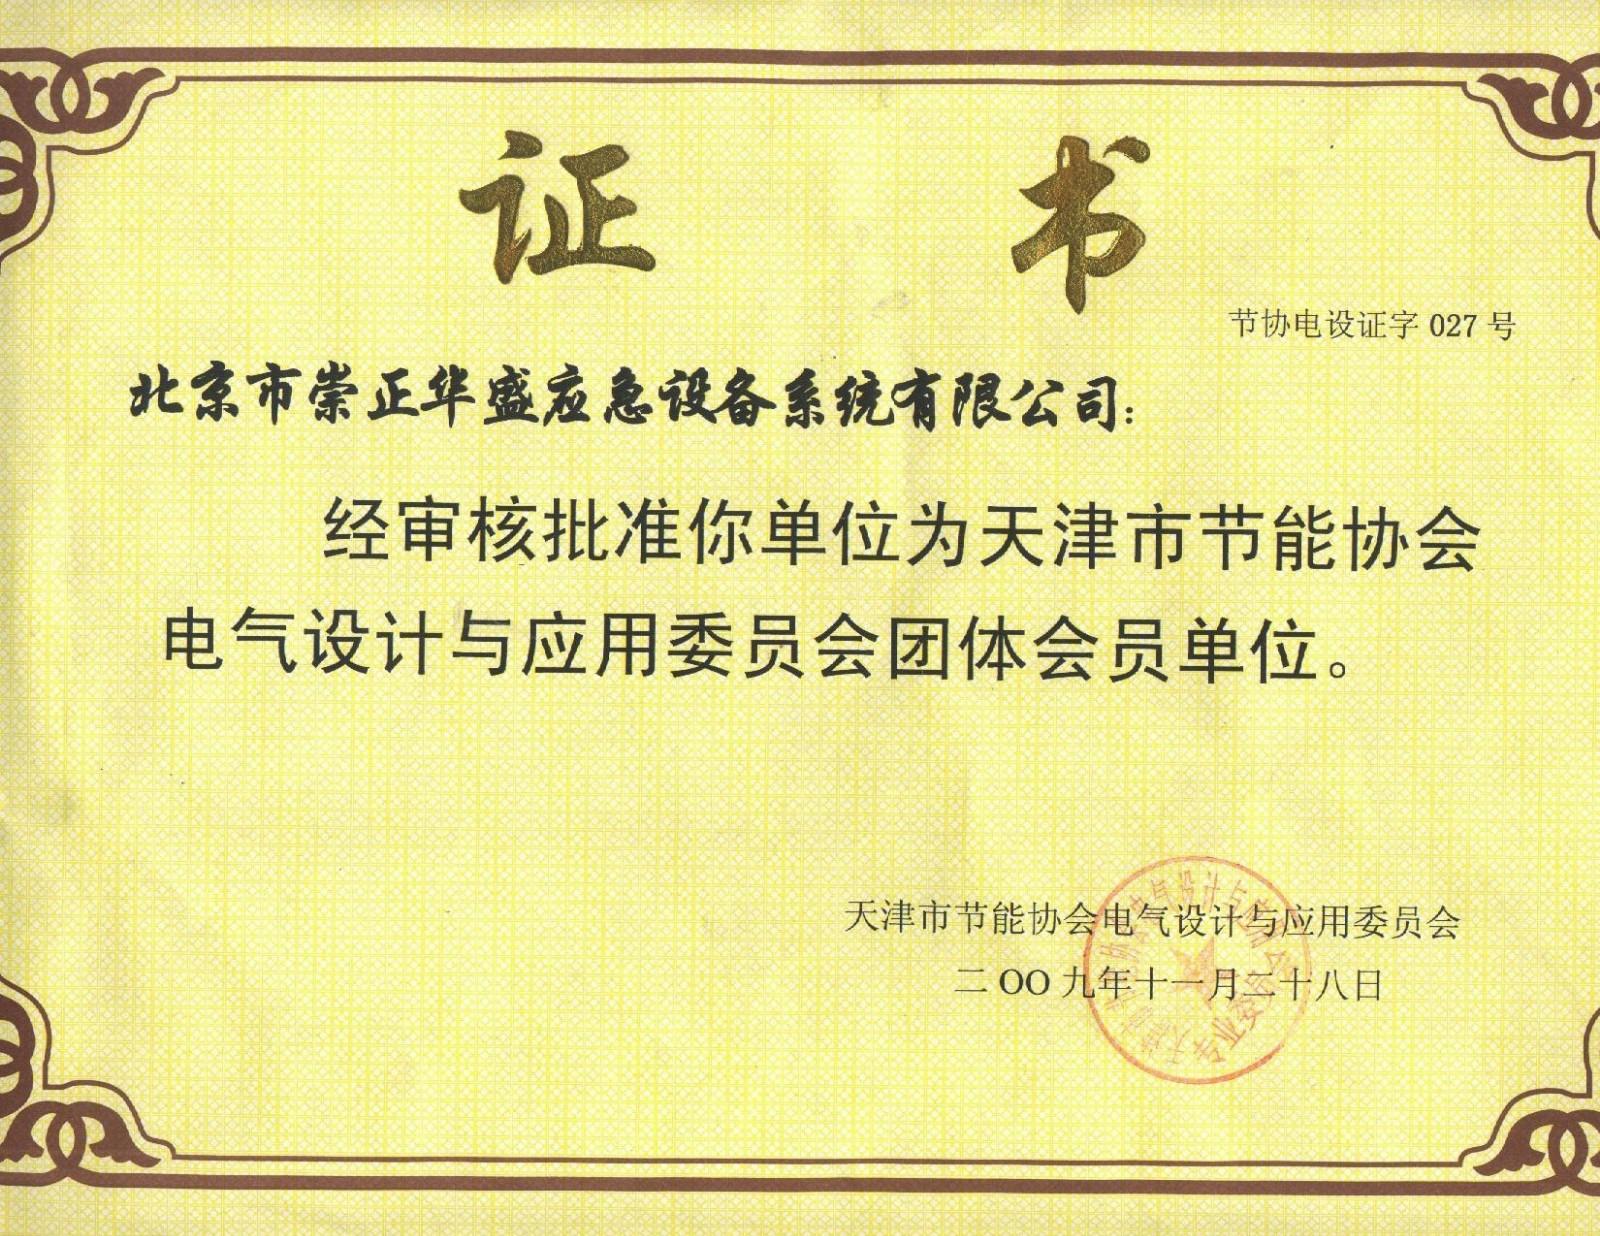 天津节能协会颁发的荣誉证书.JPG